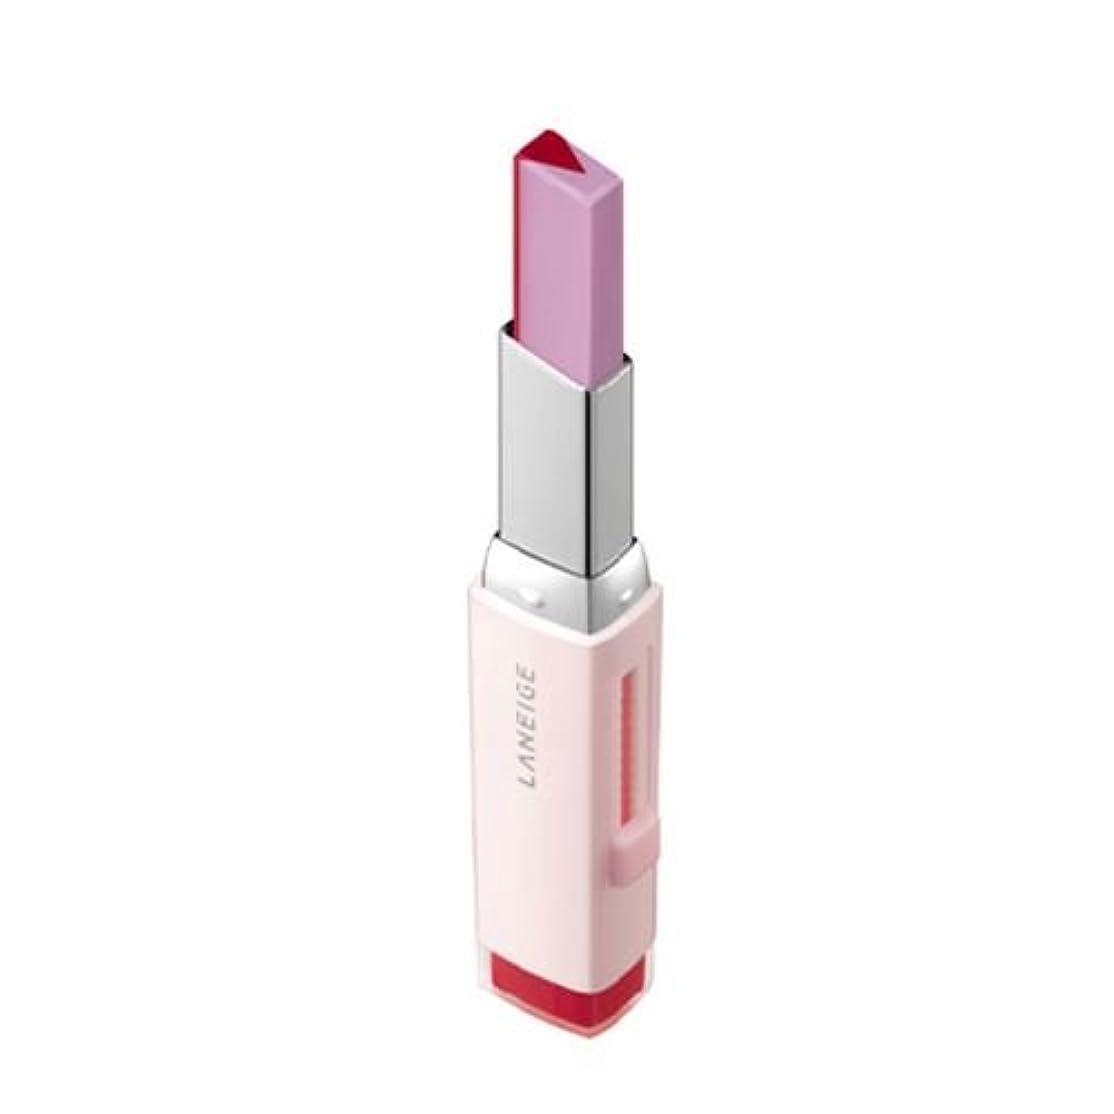 レイ最適ドリル[New] LANEIGE Two Tone Tint Lip Bar 2g/ラネージュ ツー トーン ティント リップ バー 2g (#07 Lollipop Red) [並行輸入品]